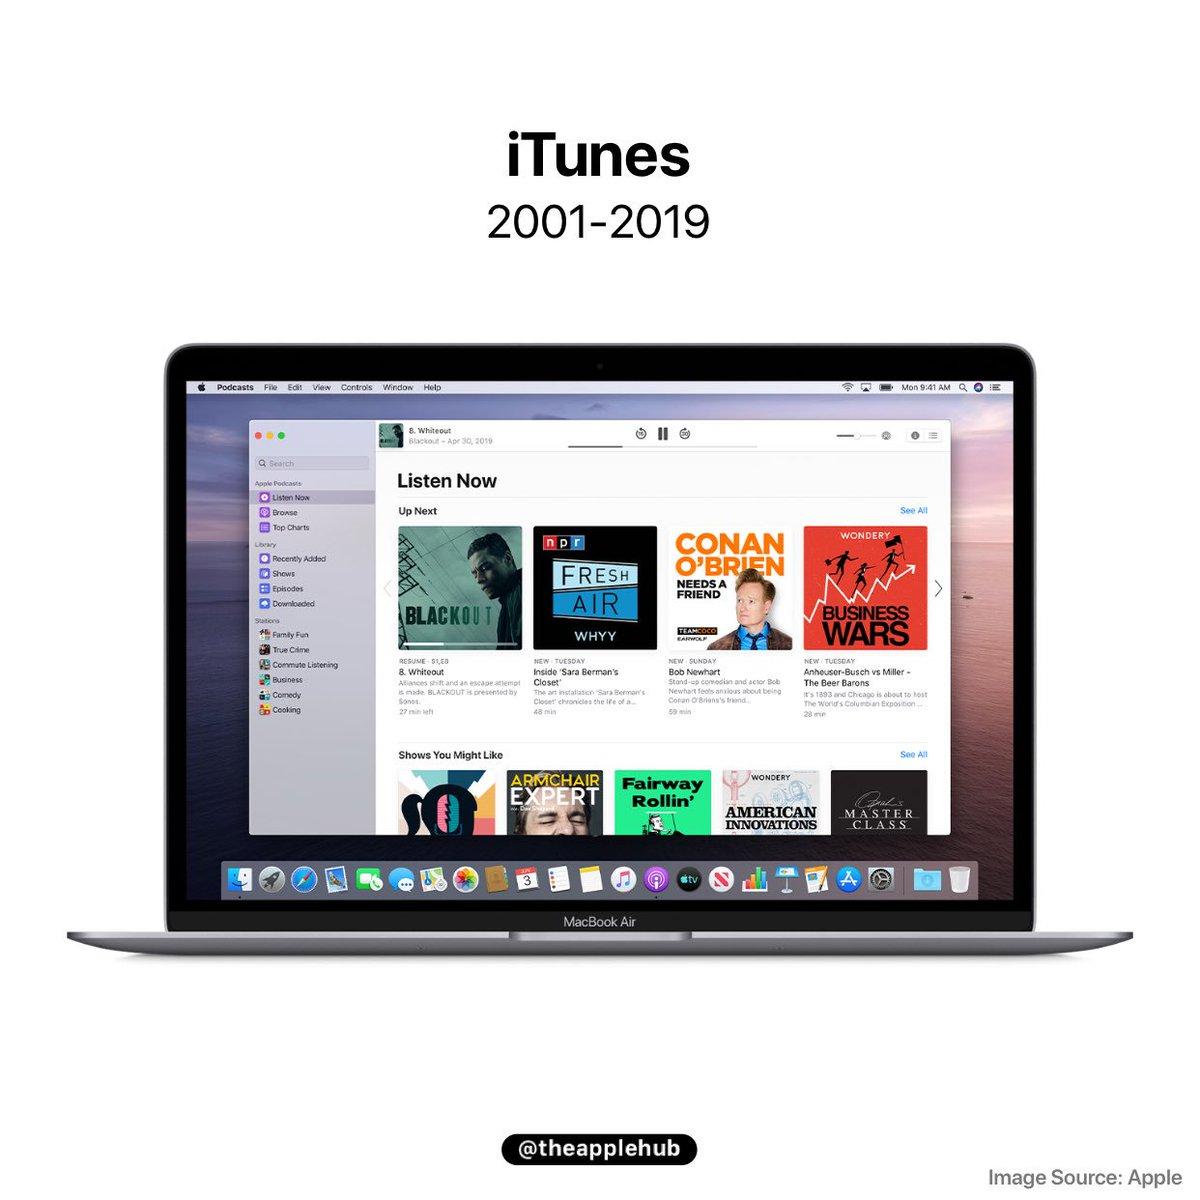 Apple Hub on Twitter: